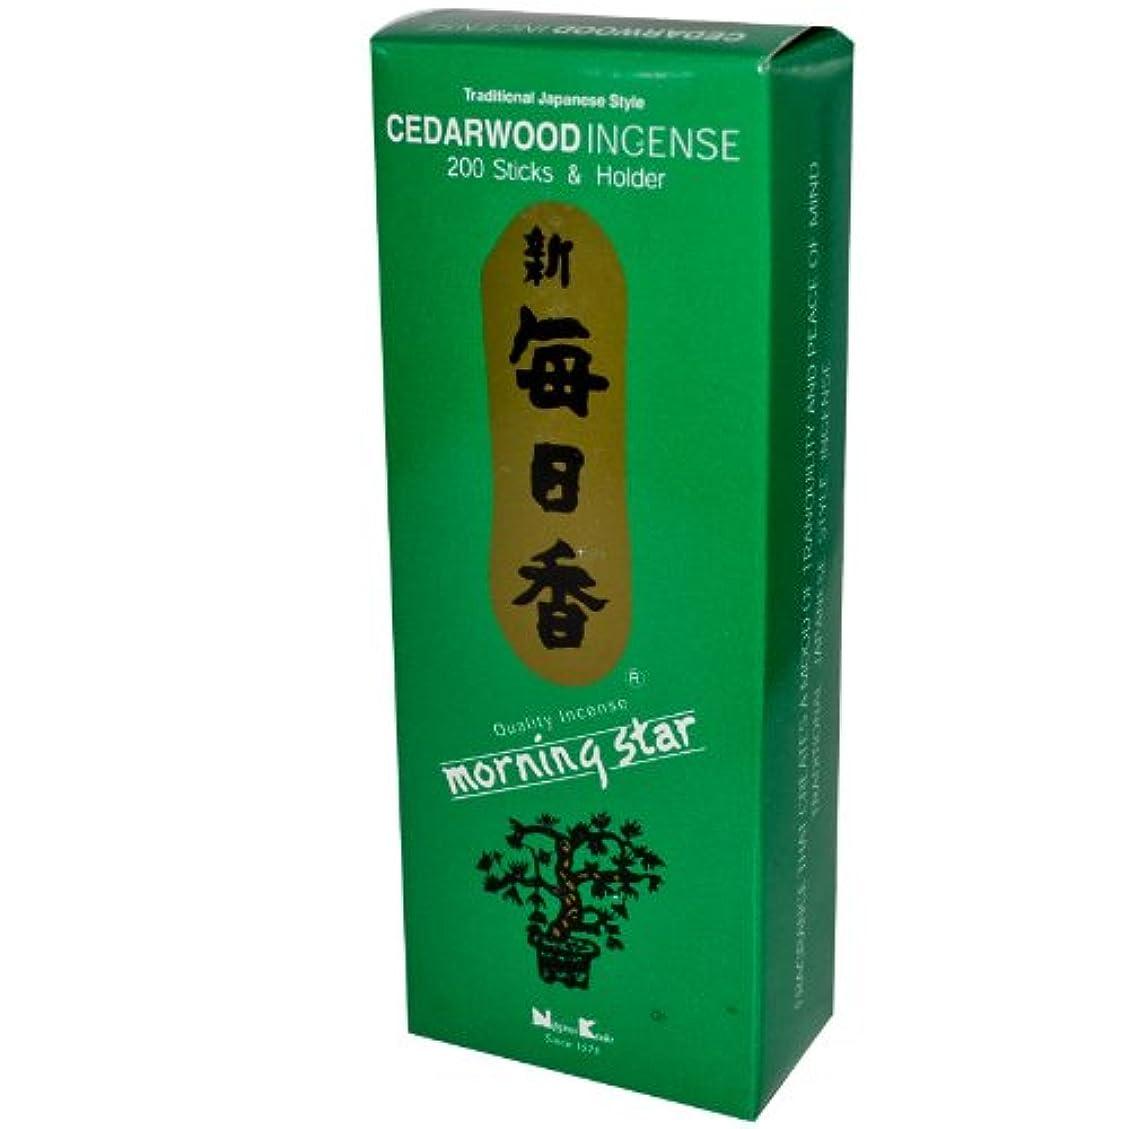 蒸気メンバー愚か(1, Green) - Morning Star, Cedarwood Incense, 200 Sticks & Holder